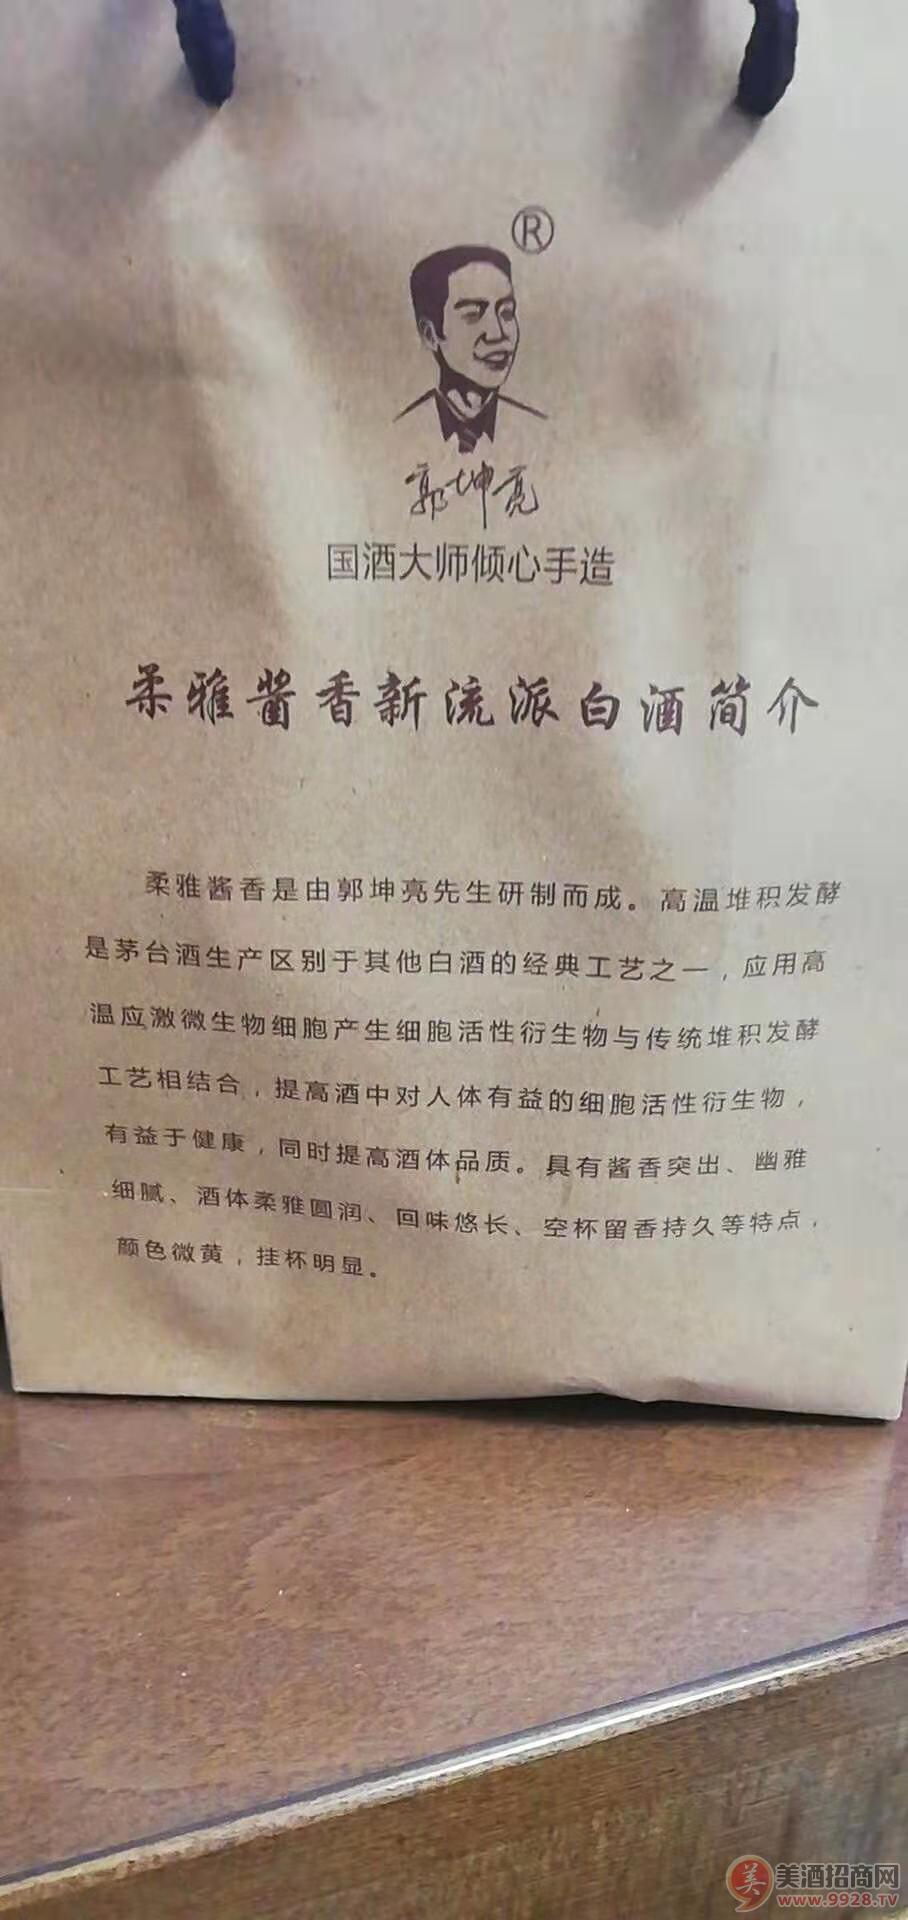 53°郭坤亮大师手造酒 15年